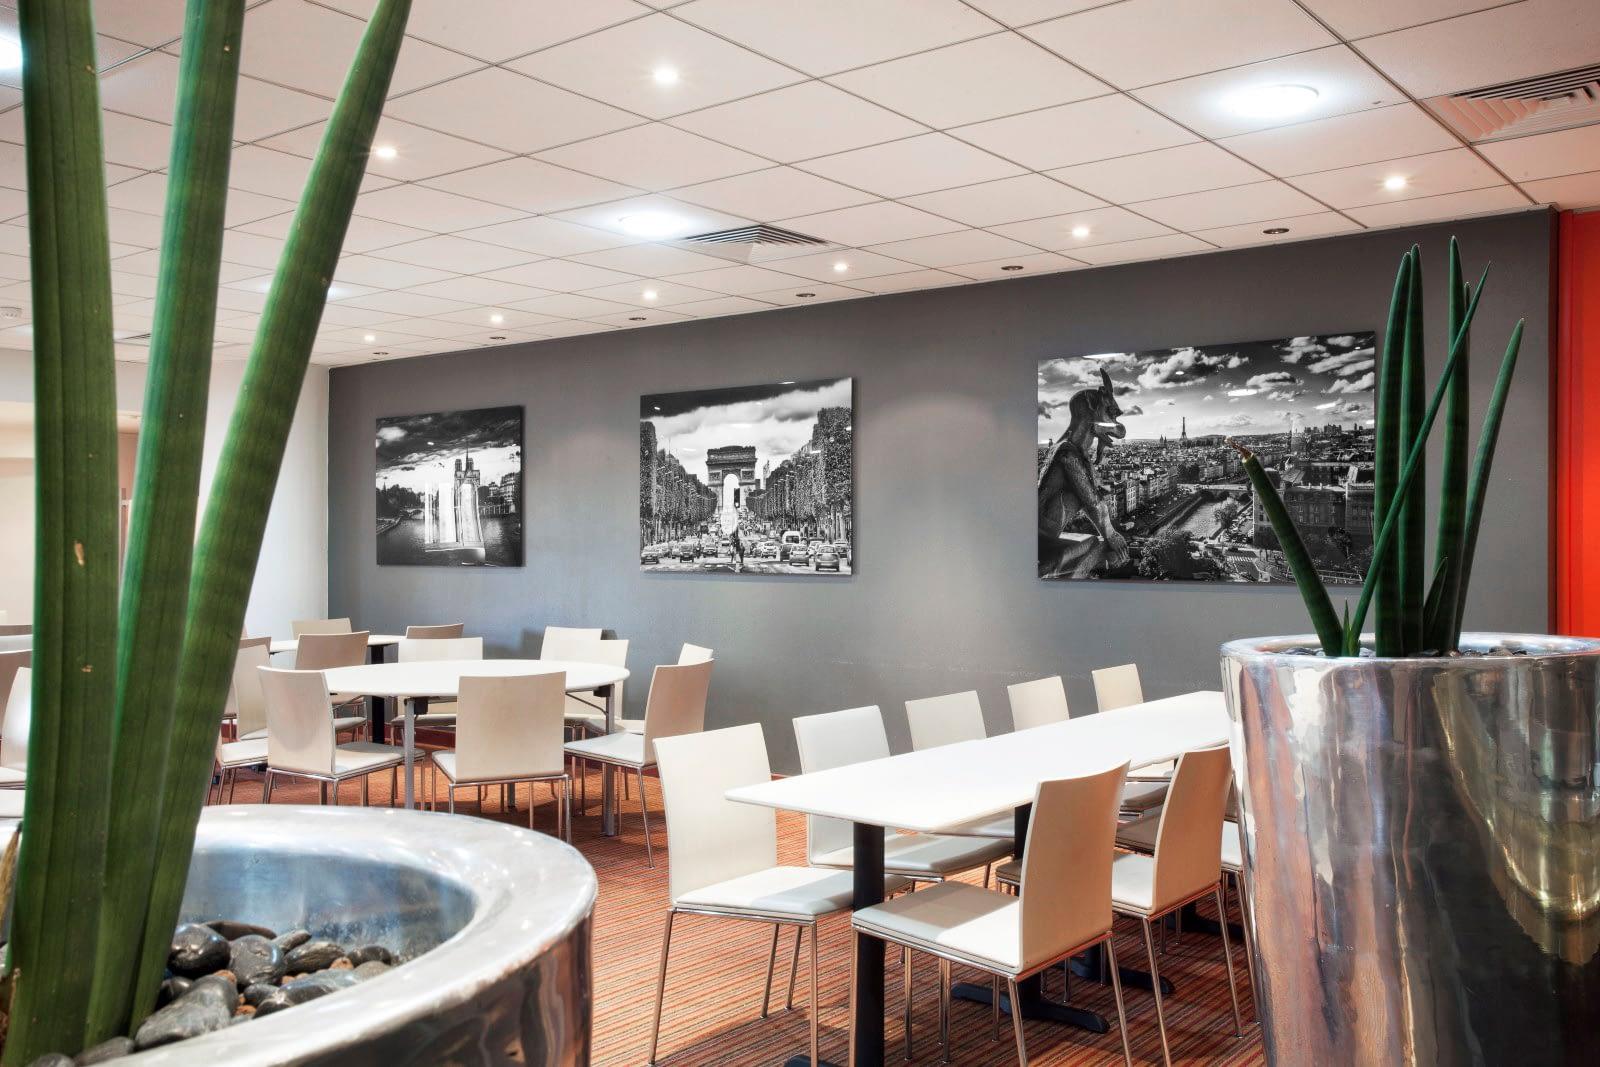 Vente et installation de photographies d'art Pixopolitan pour l'hôtel 4 étoiles Mercure La Défense